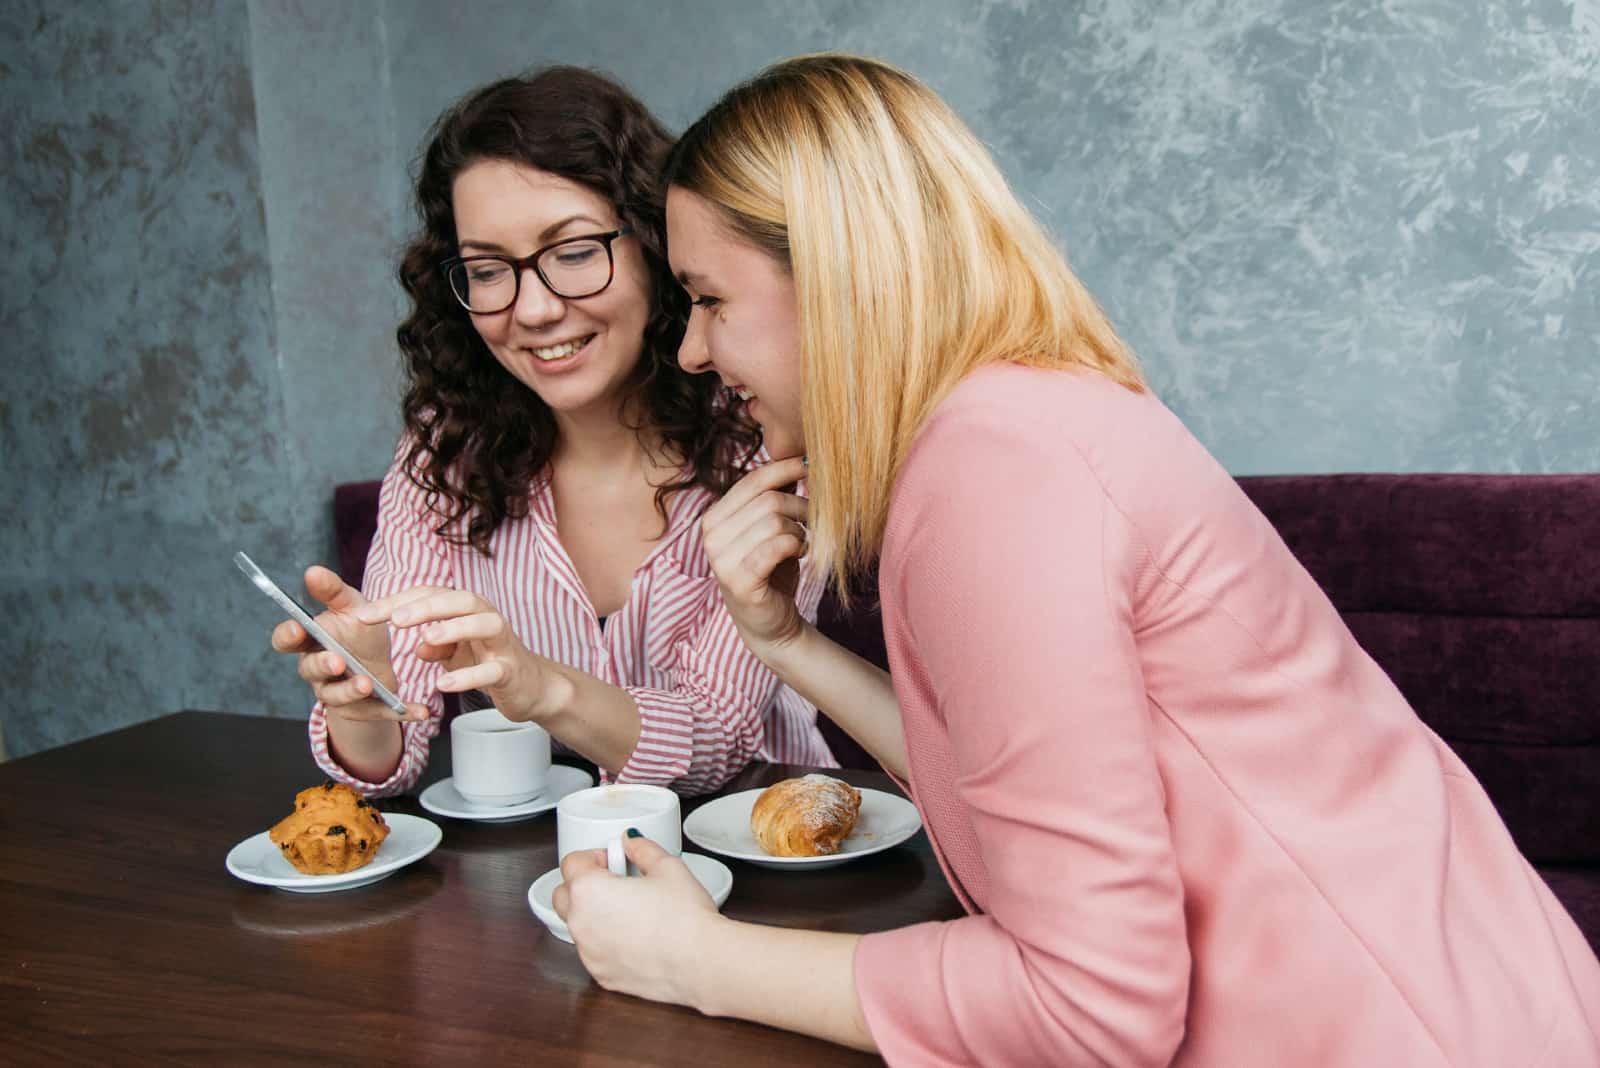 deux femmes regardant un smartphone alors qu'elles sont assises à une table